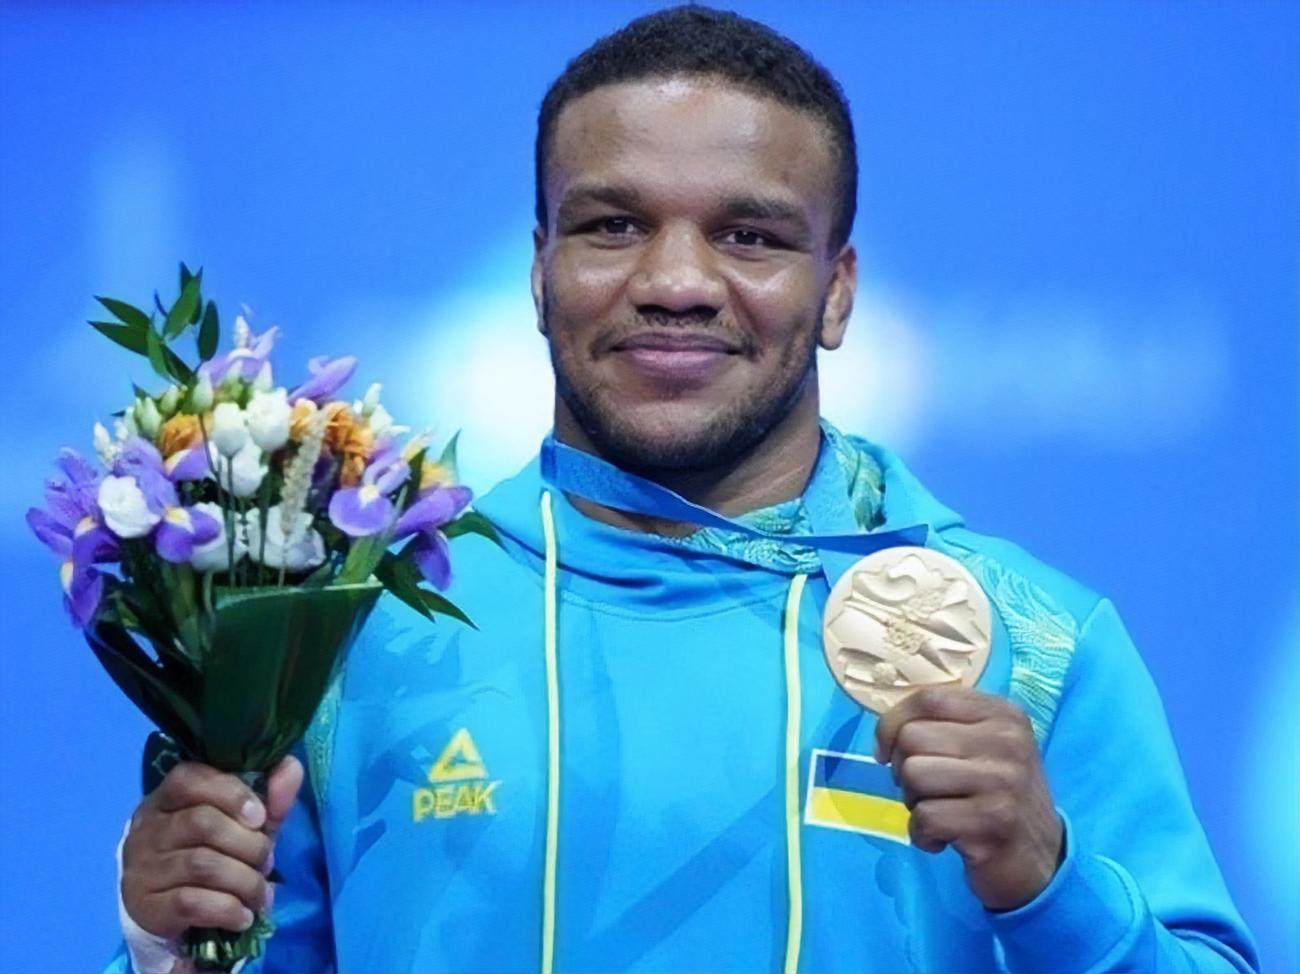 Три украинца вышли в полуфиналы Олимпийских турниров по борьбе